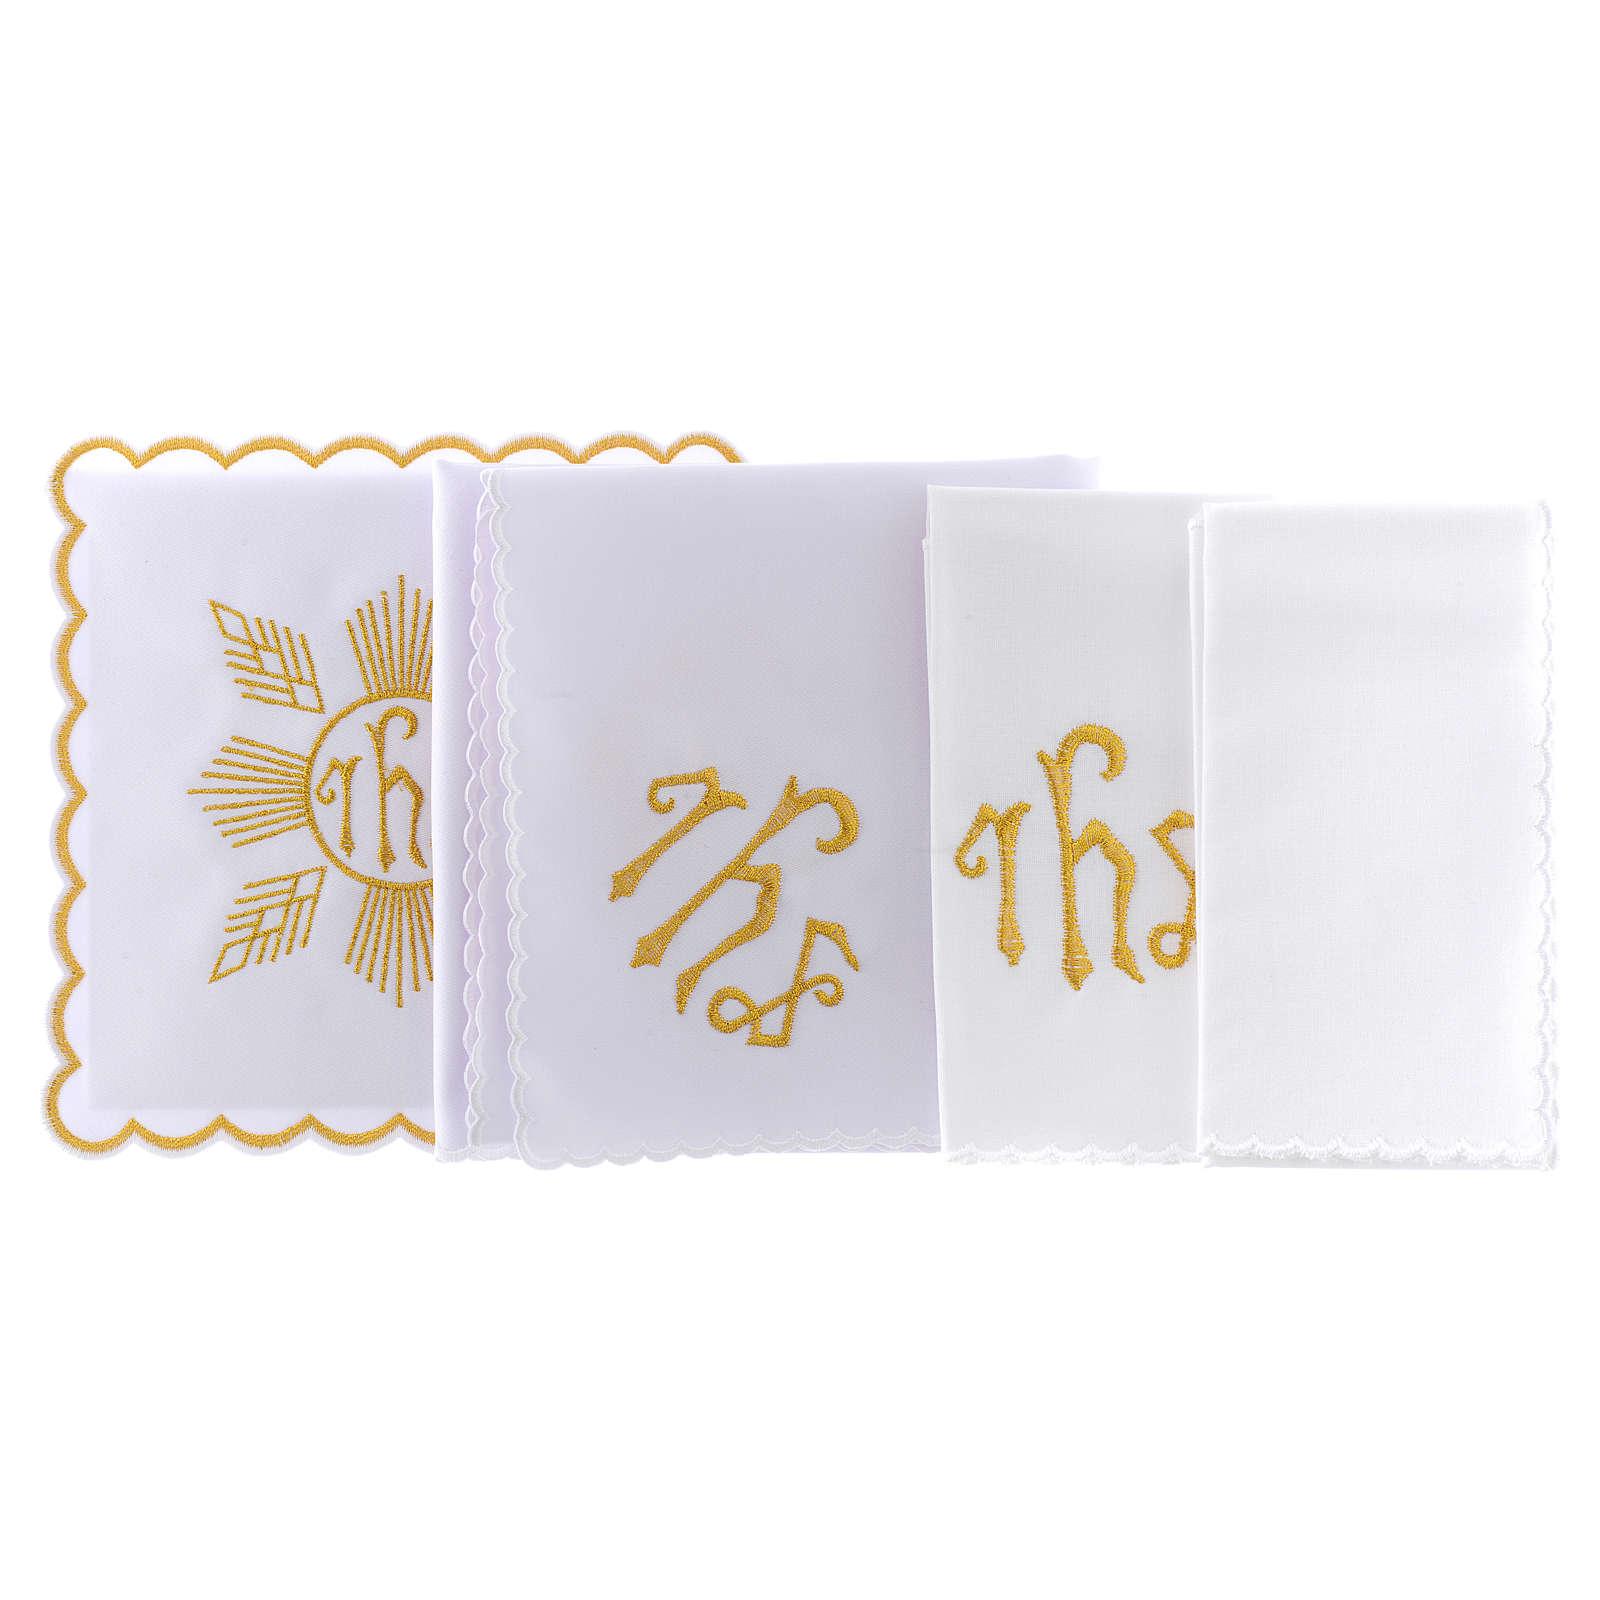 Service linge autel coton broderie dorée formes géométriques symbole IHS 4